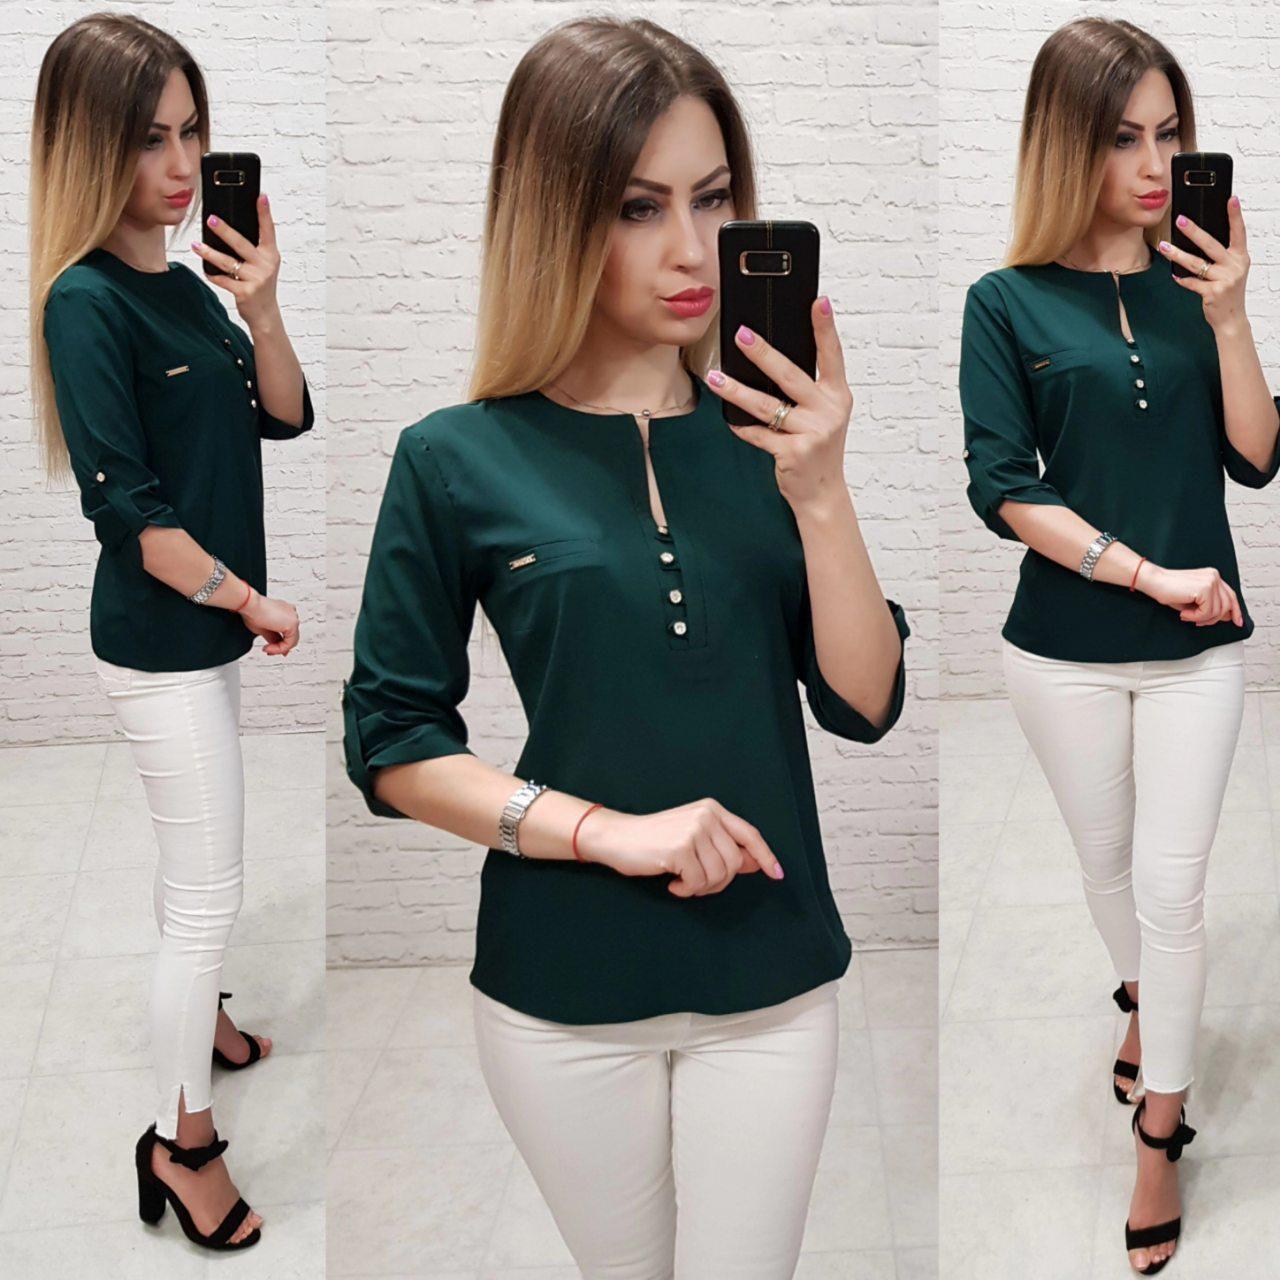 Блуза / блузка арт. 830 темно зелёный /темно зелёная / темно-зеленая